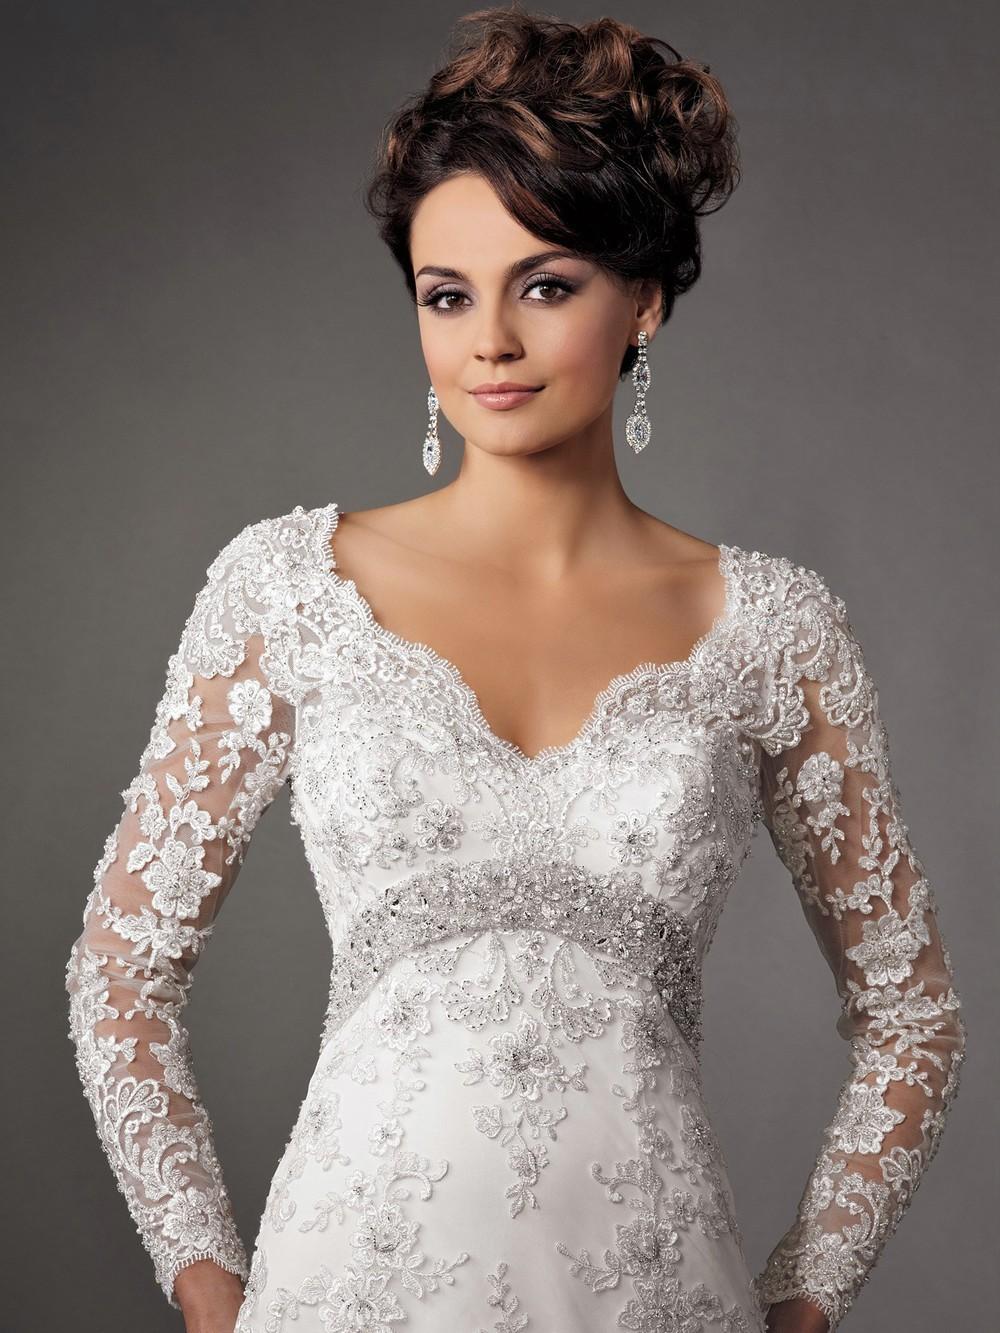 Mermaid Wedding Dresses Long Sleeves Wedding Dresses Long